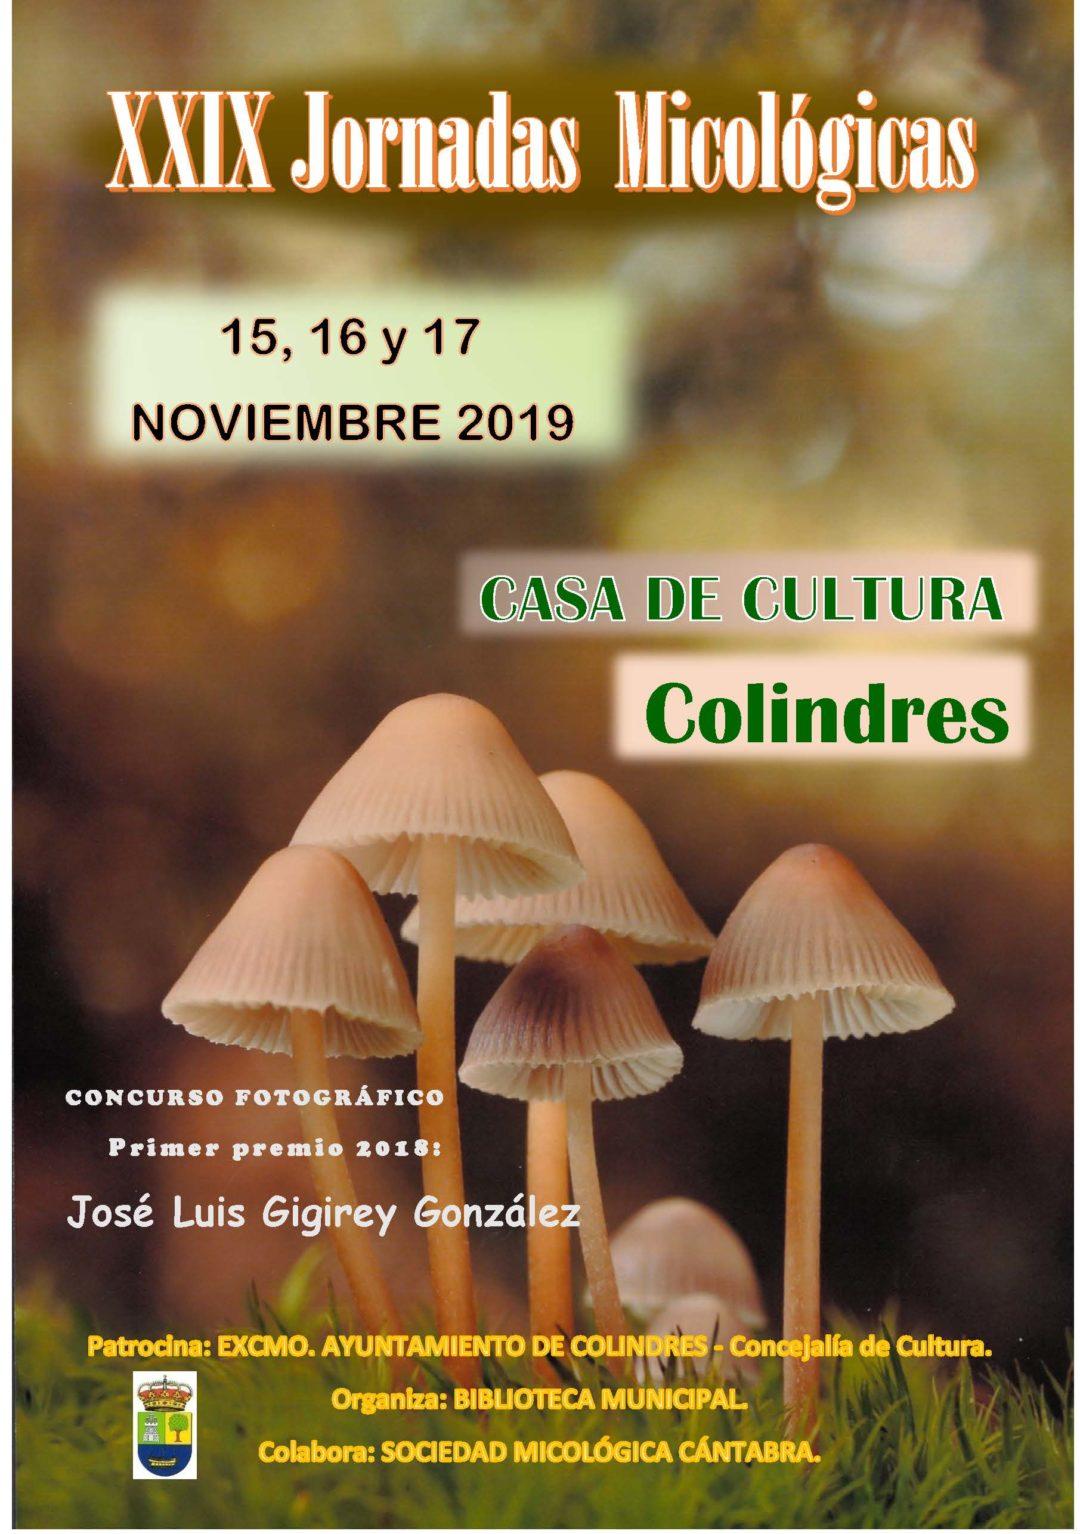 XXIX JORNADAS MICOLÓGICAS, 15, 16 y 17 de Noviembre de 2019